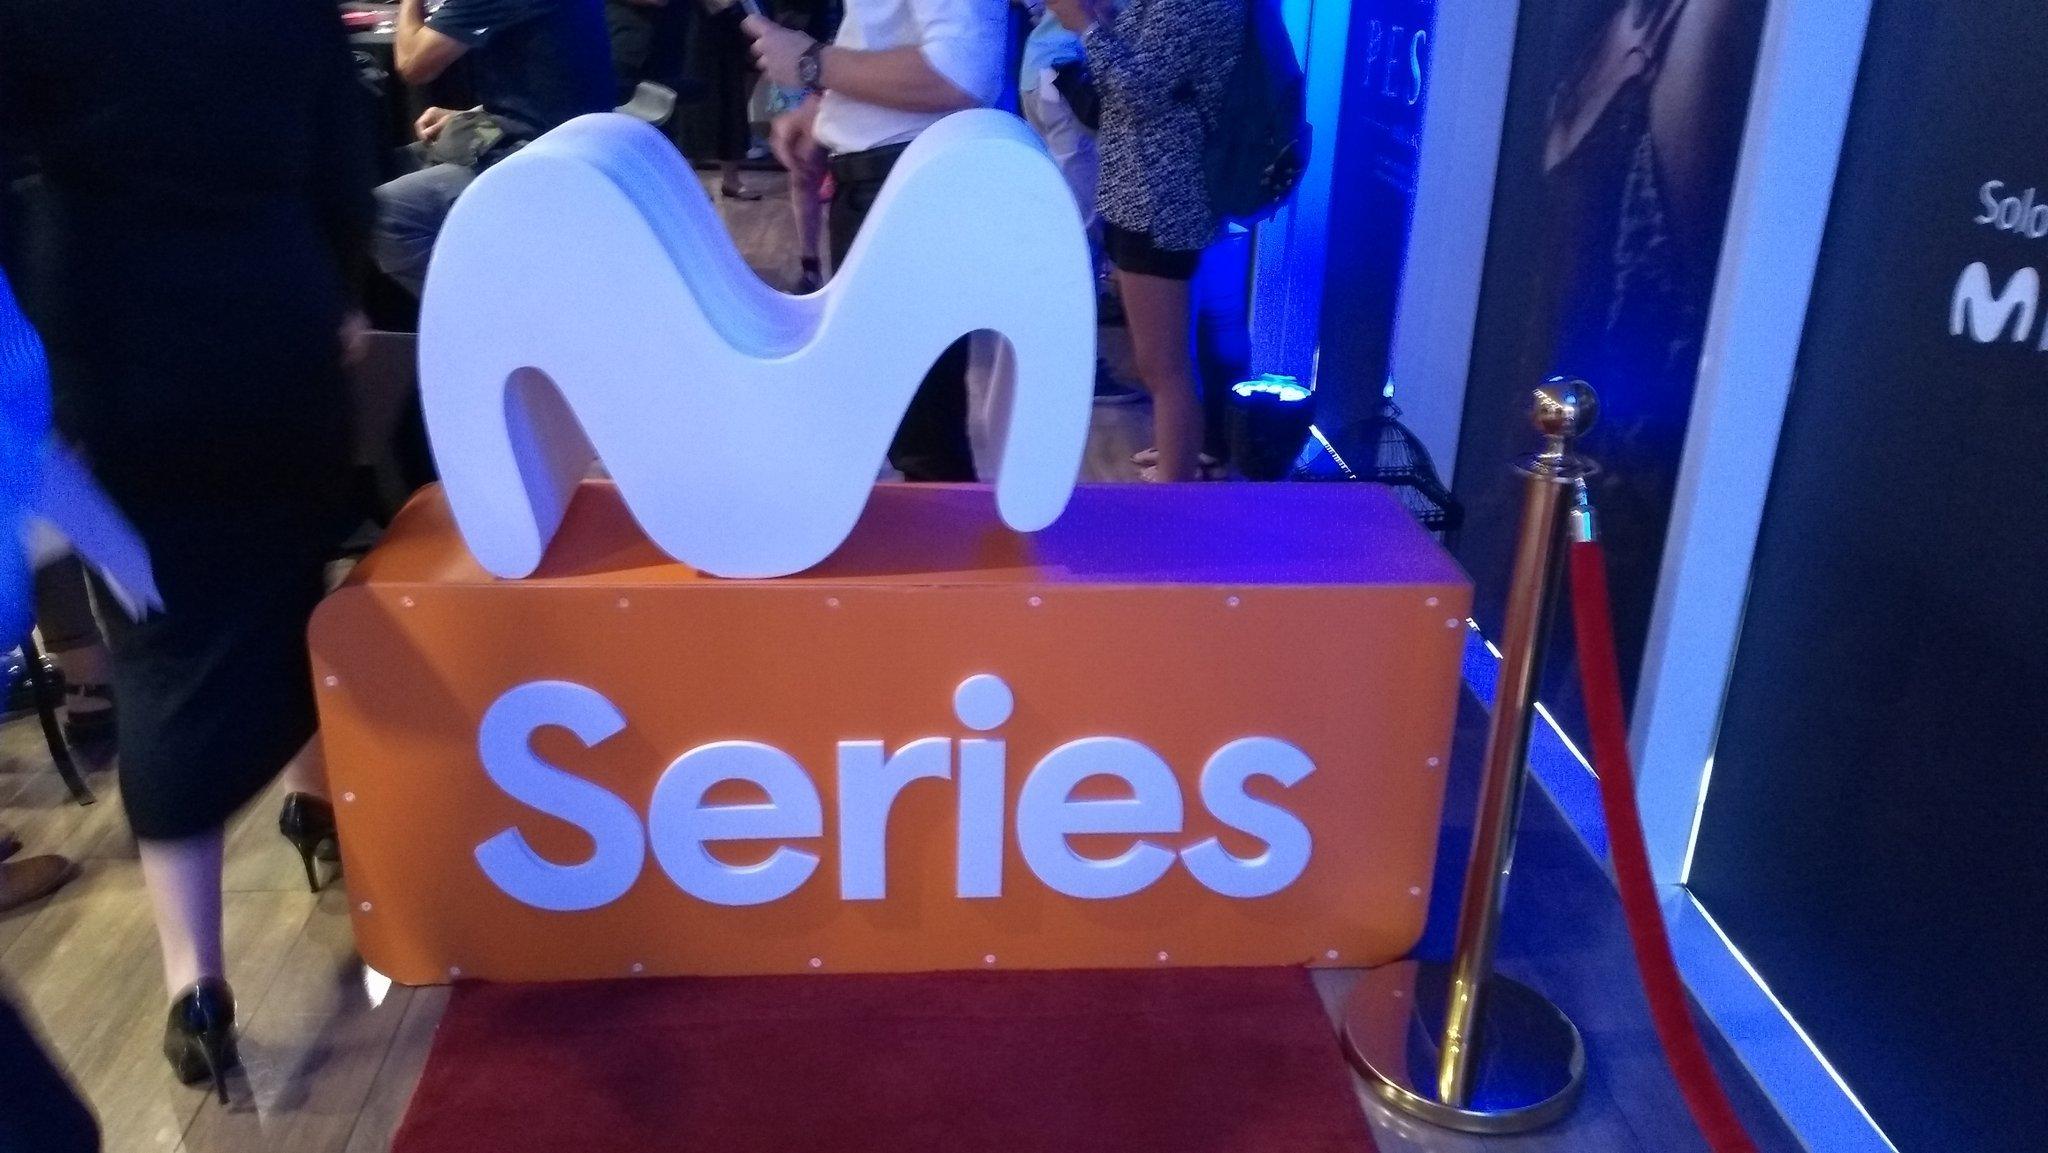 Señal Movistar Series llega a Chile entregando series exclusivamente en español